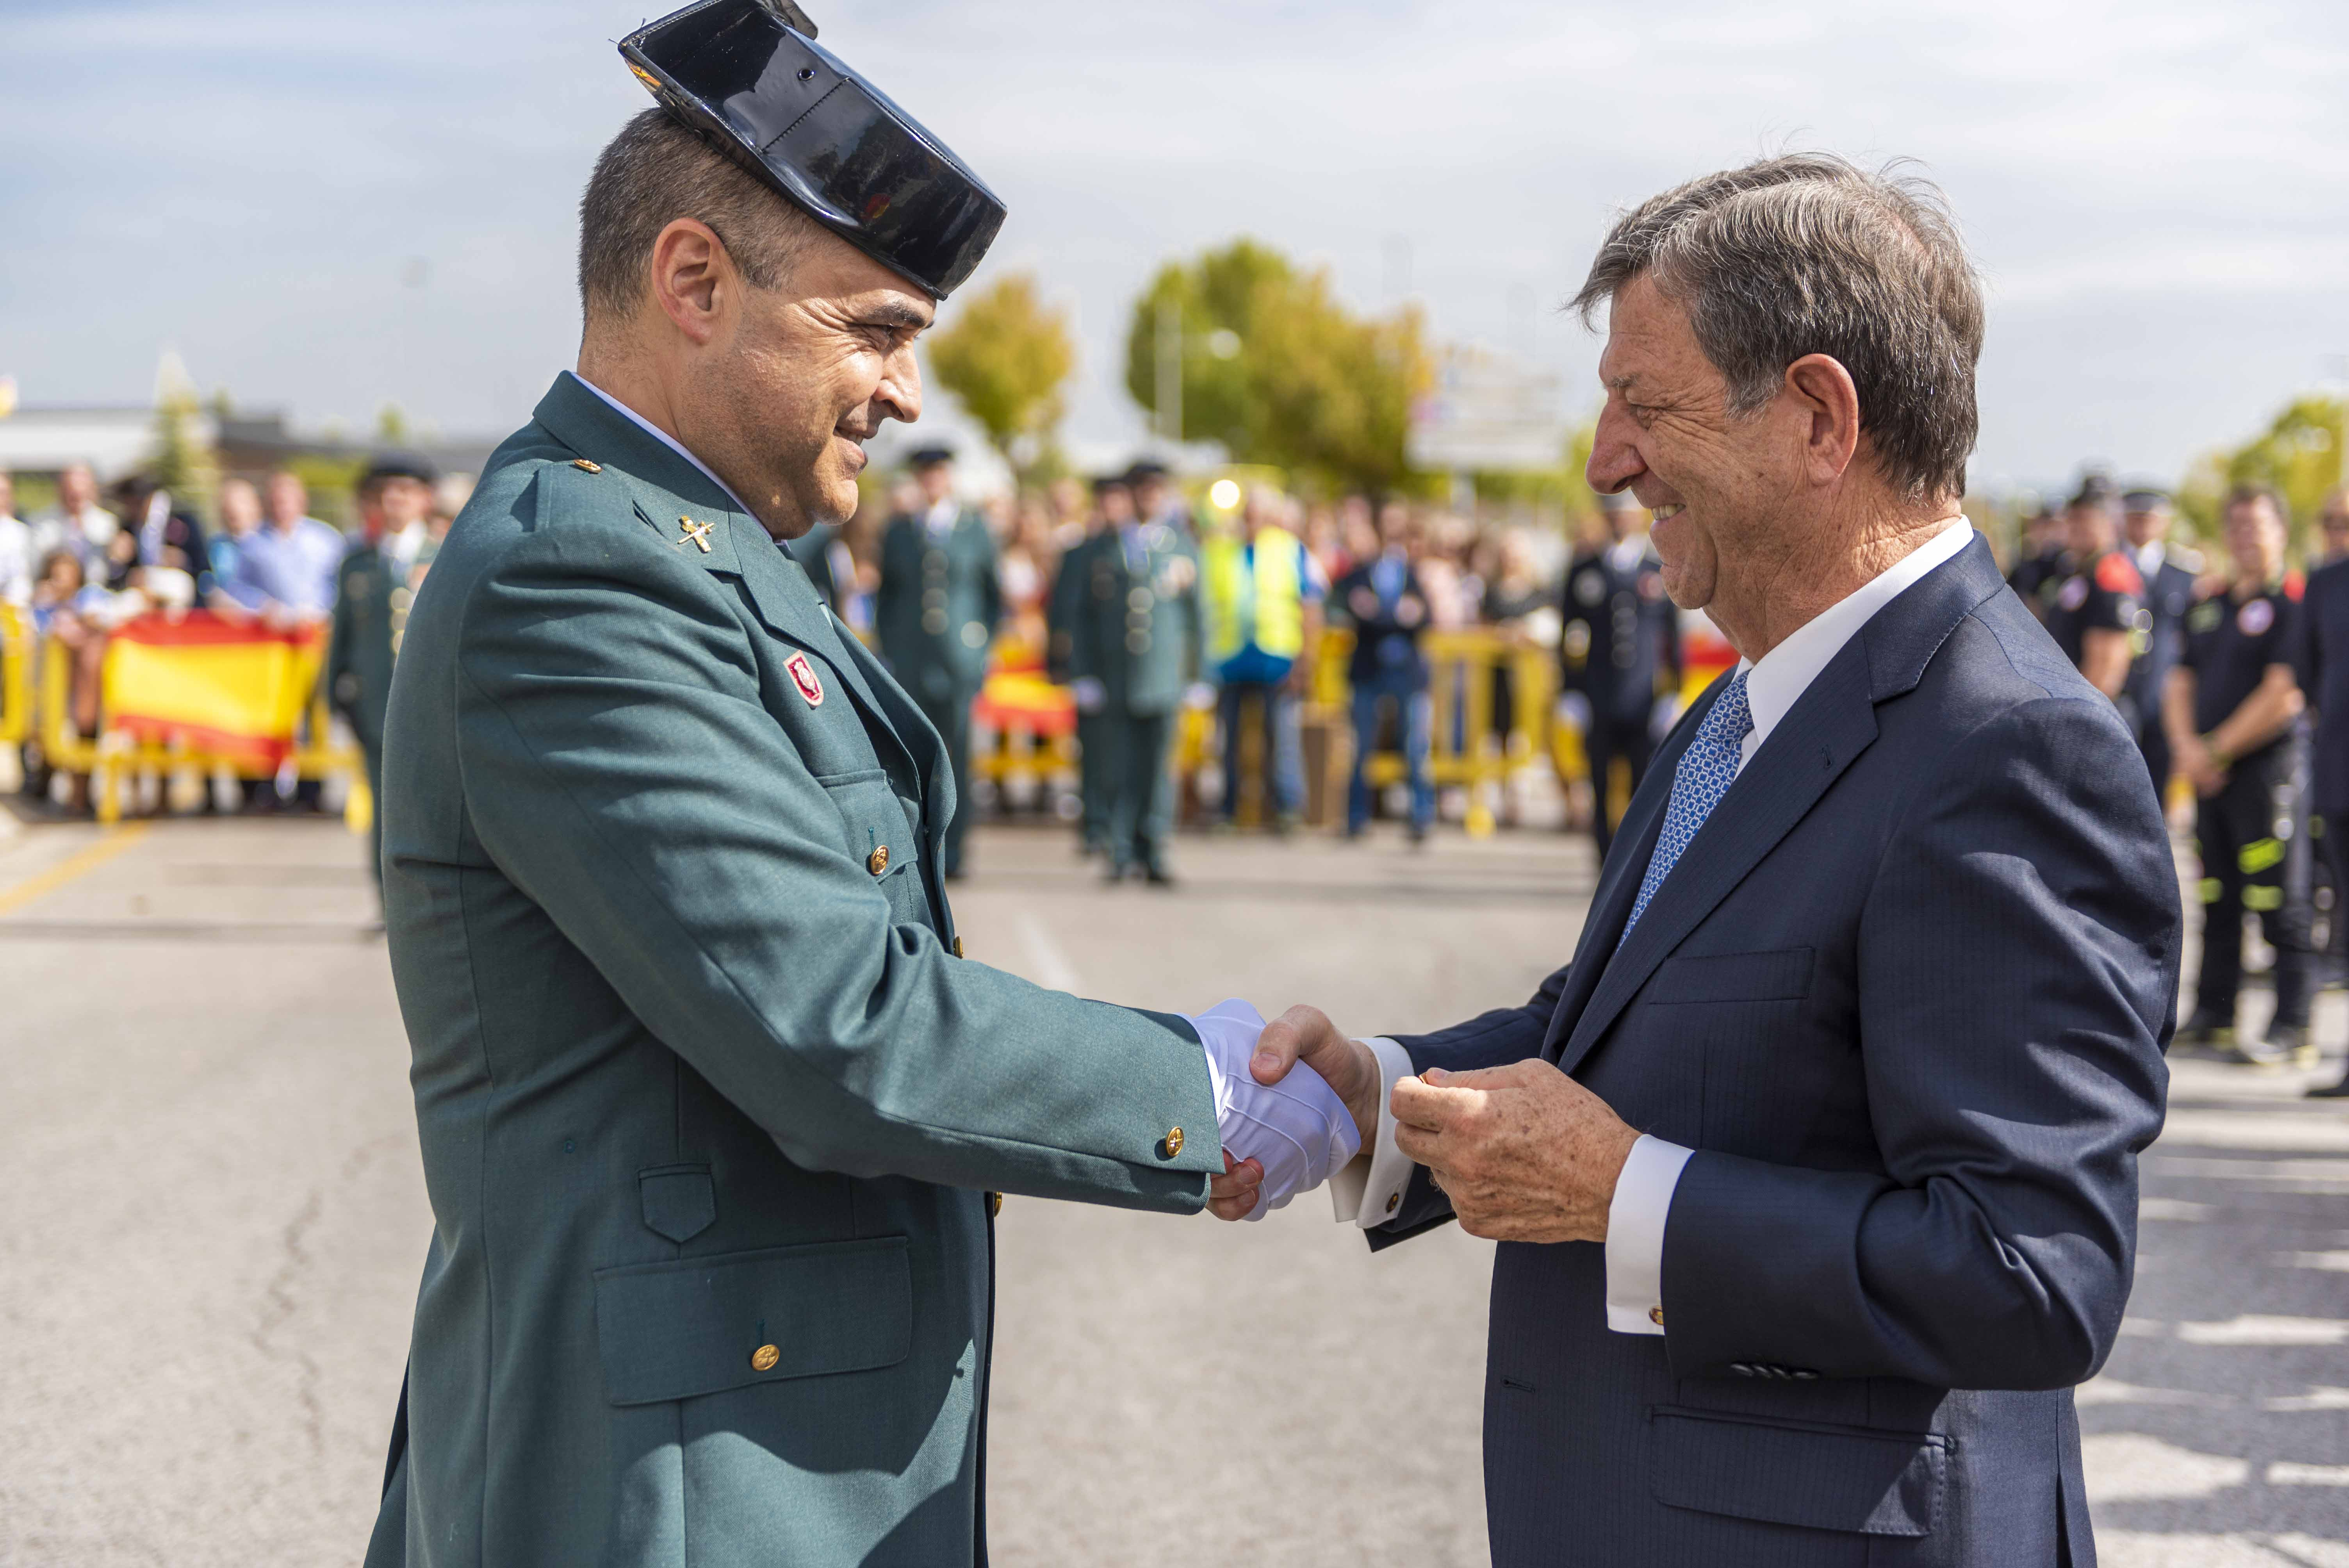 El alcalde felicitando a un guardia civil por su condecoración